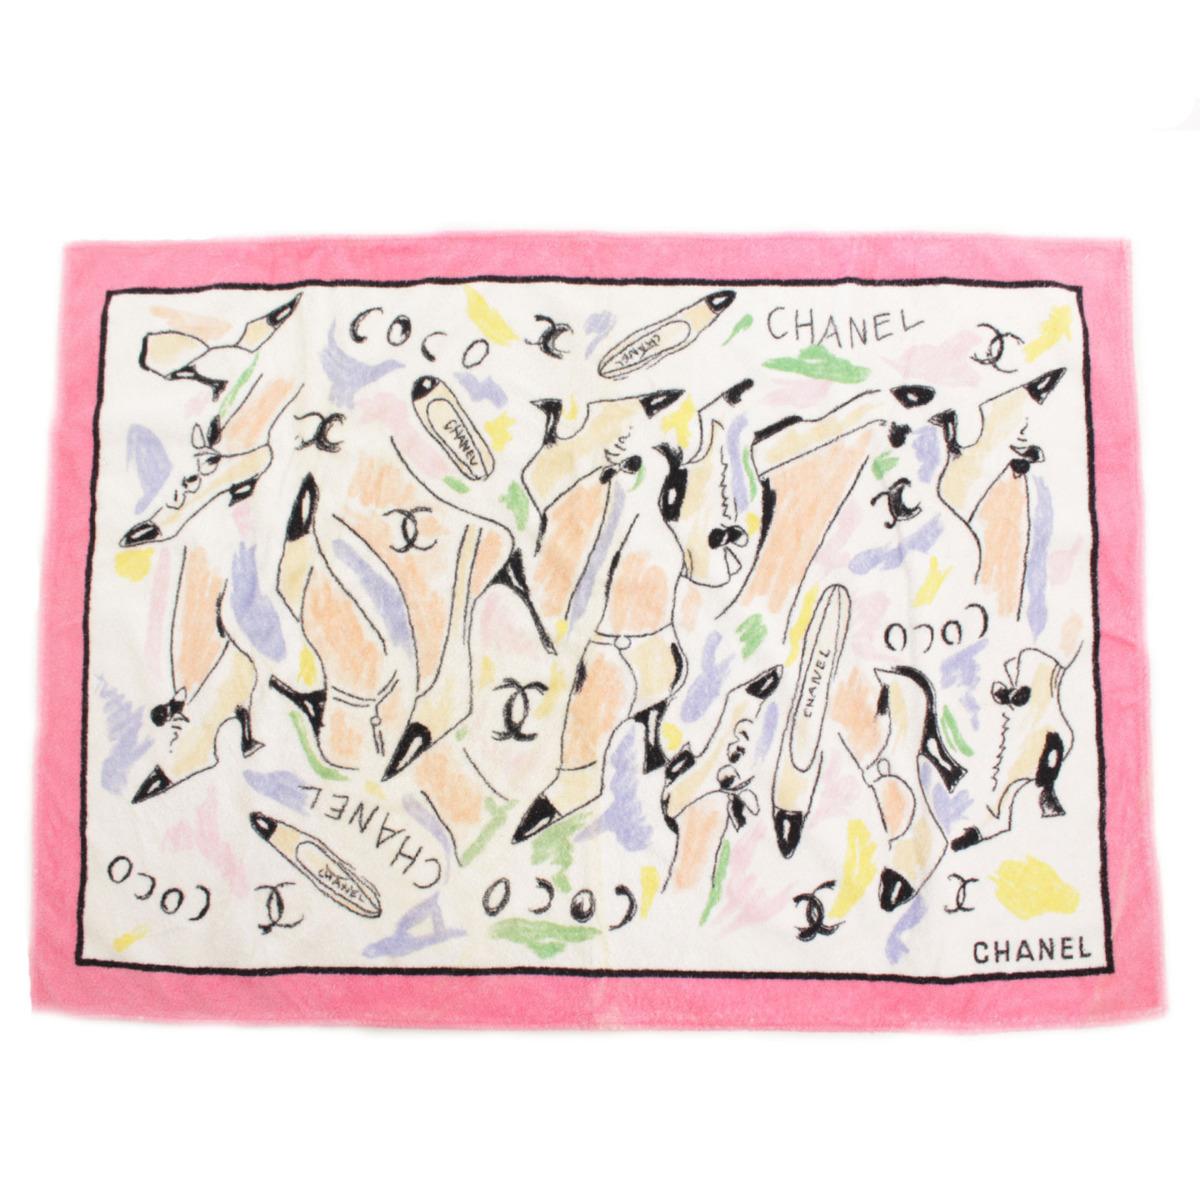 【シャネル】Chanel ビーチタオル マット ココ マドモアゼル パンプス柄 ピンク  【中古】【鑑定済・正規品保証】【送料無料】37339